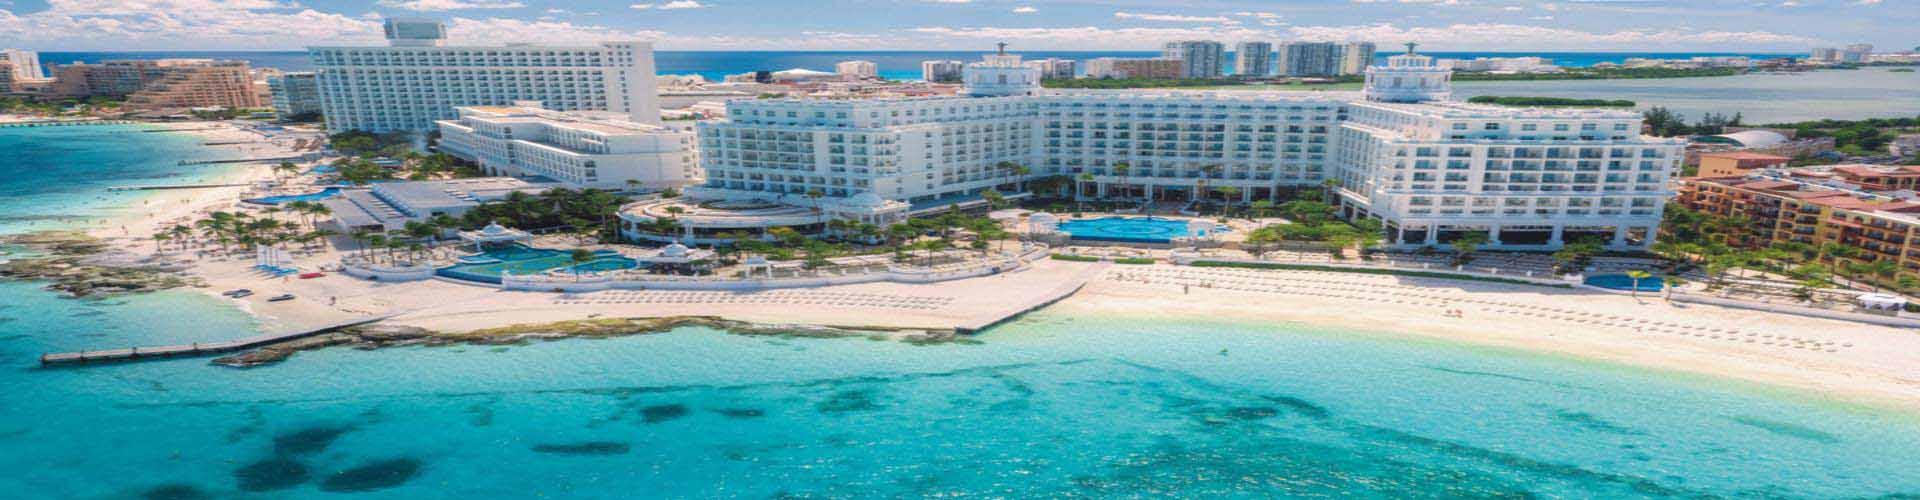 Hotel Riu Cancun Airport Shuttle